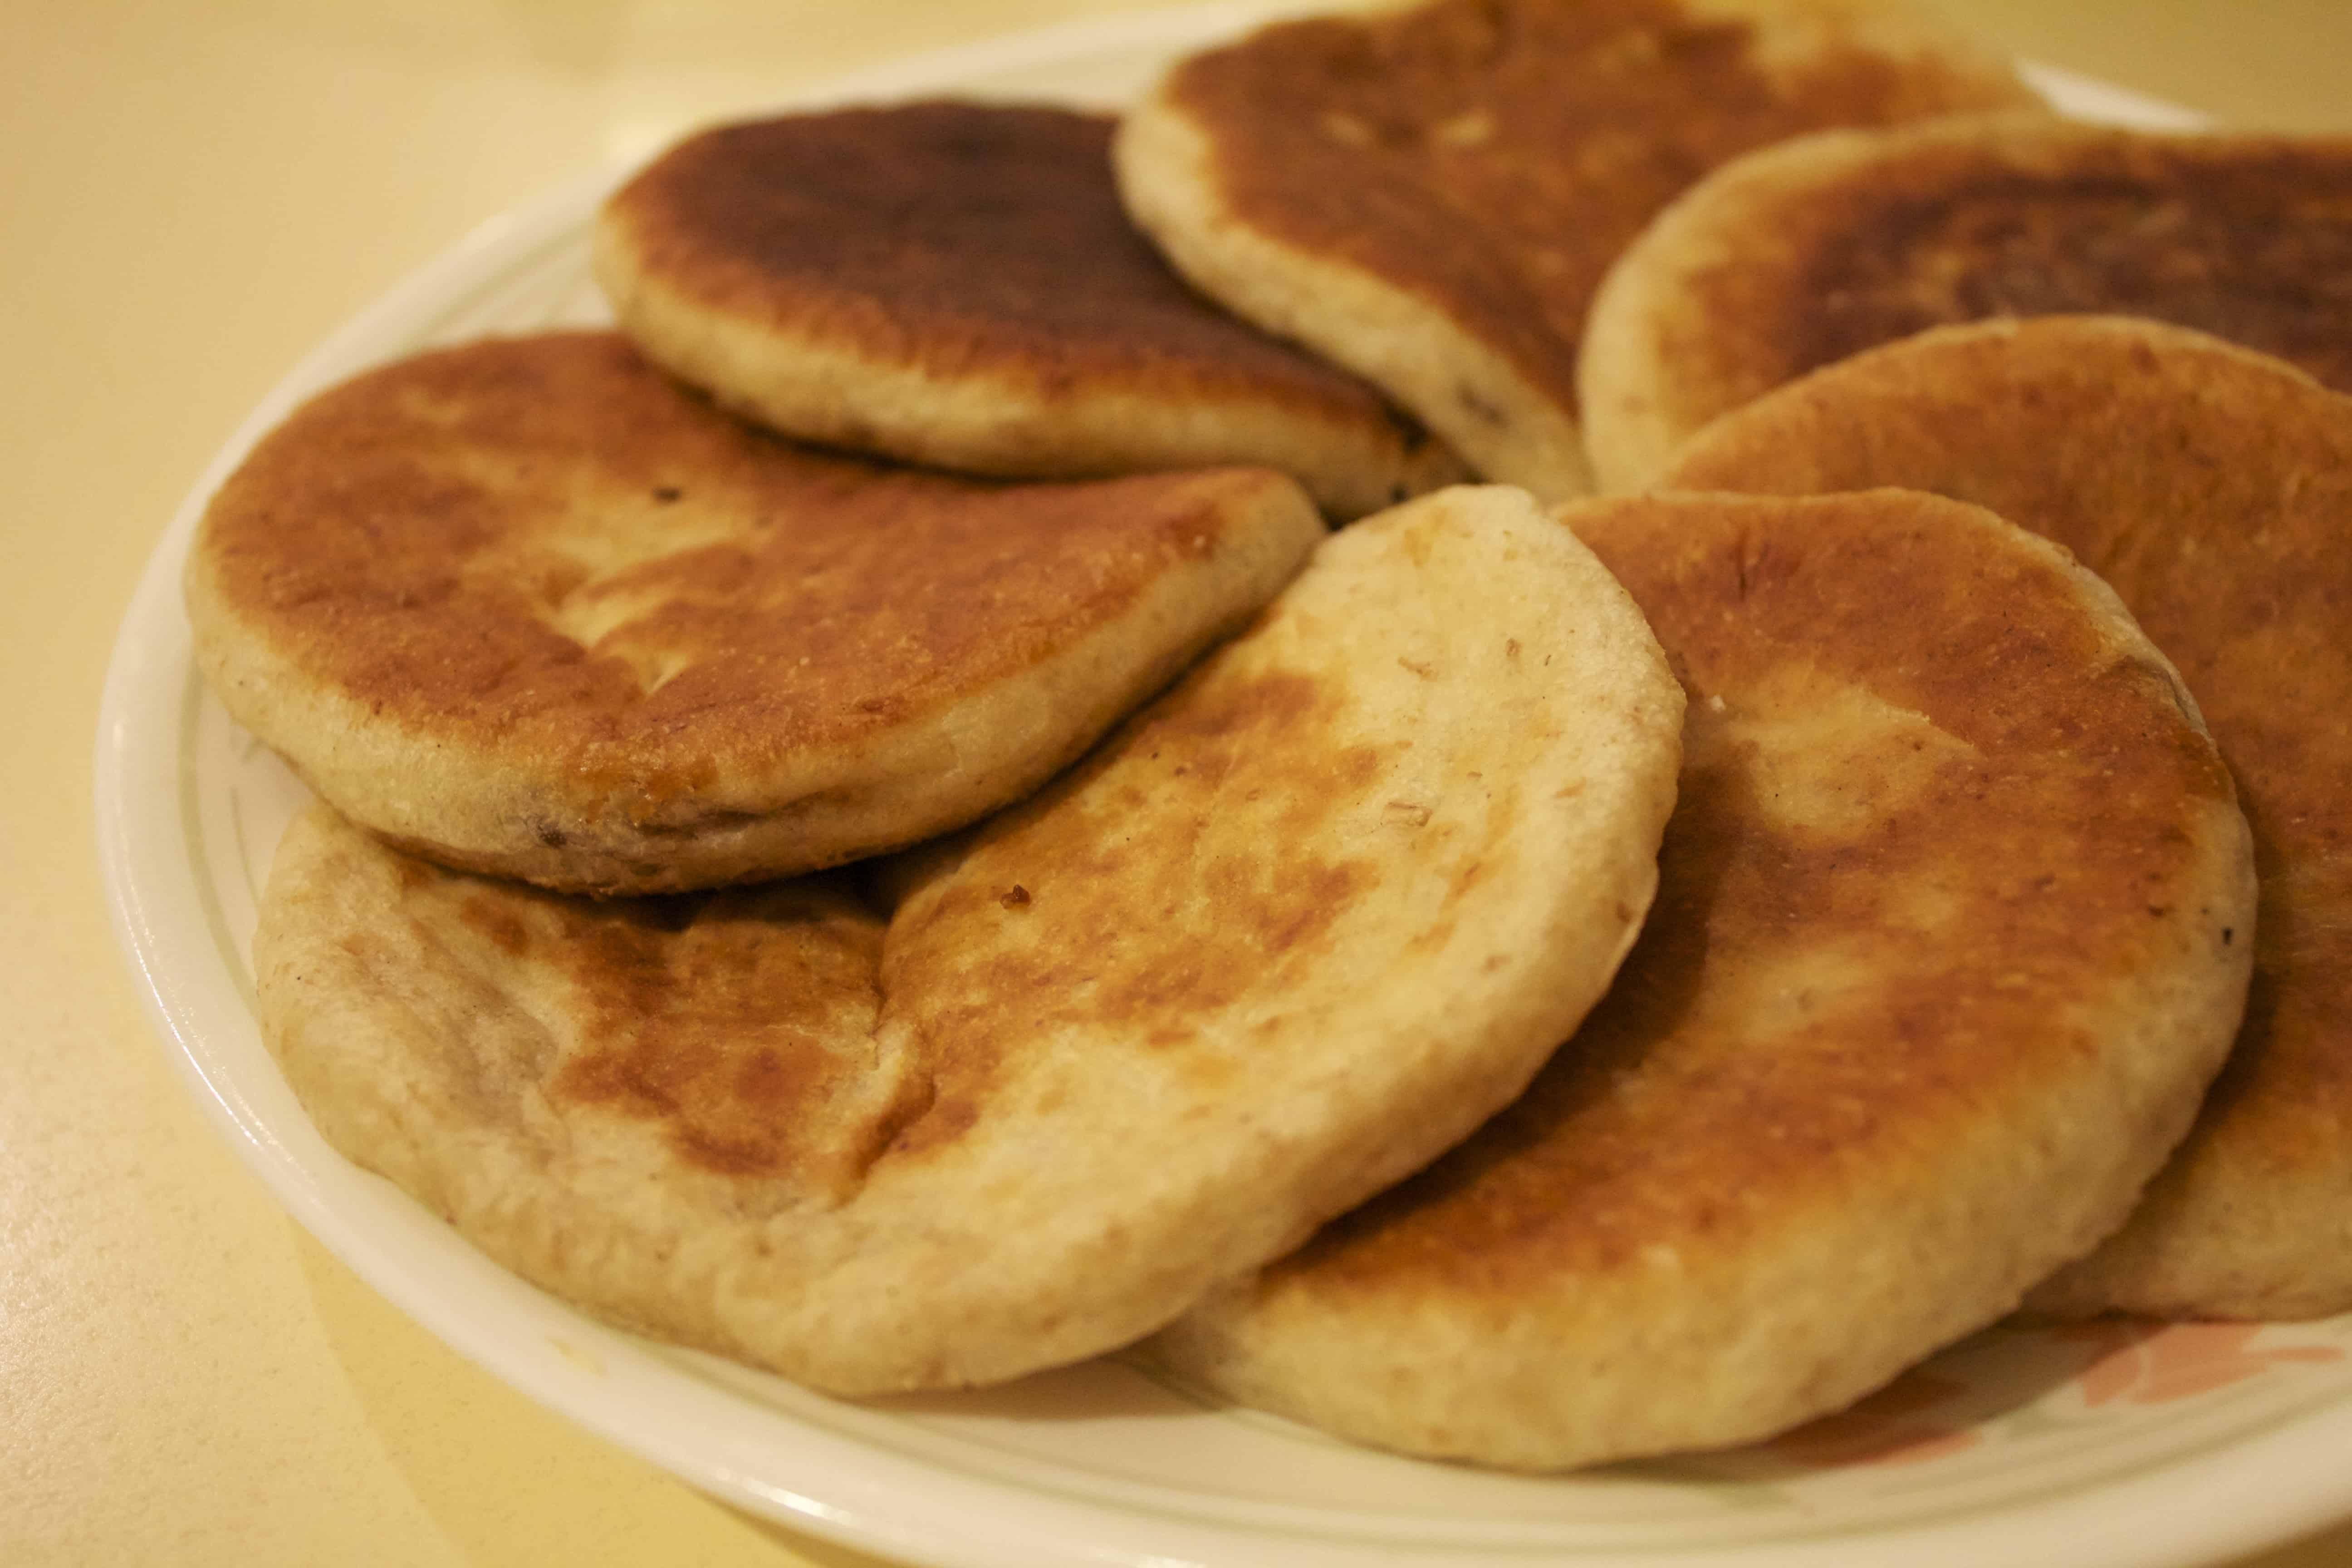 Korean food photo: Sweet pancakes with brown sugar syrup ... Hoddeok Korean Sugar Pancakes